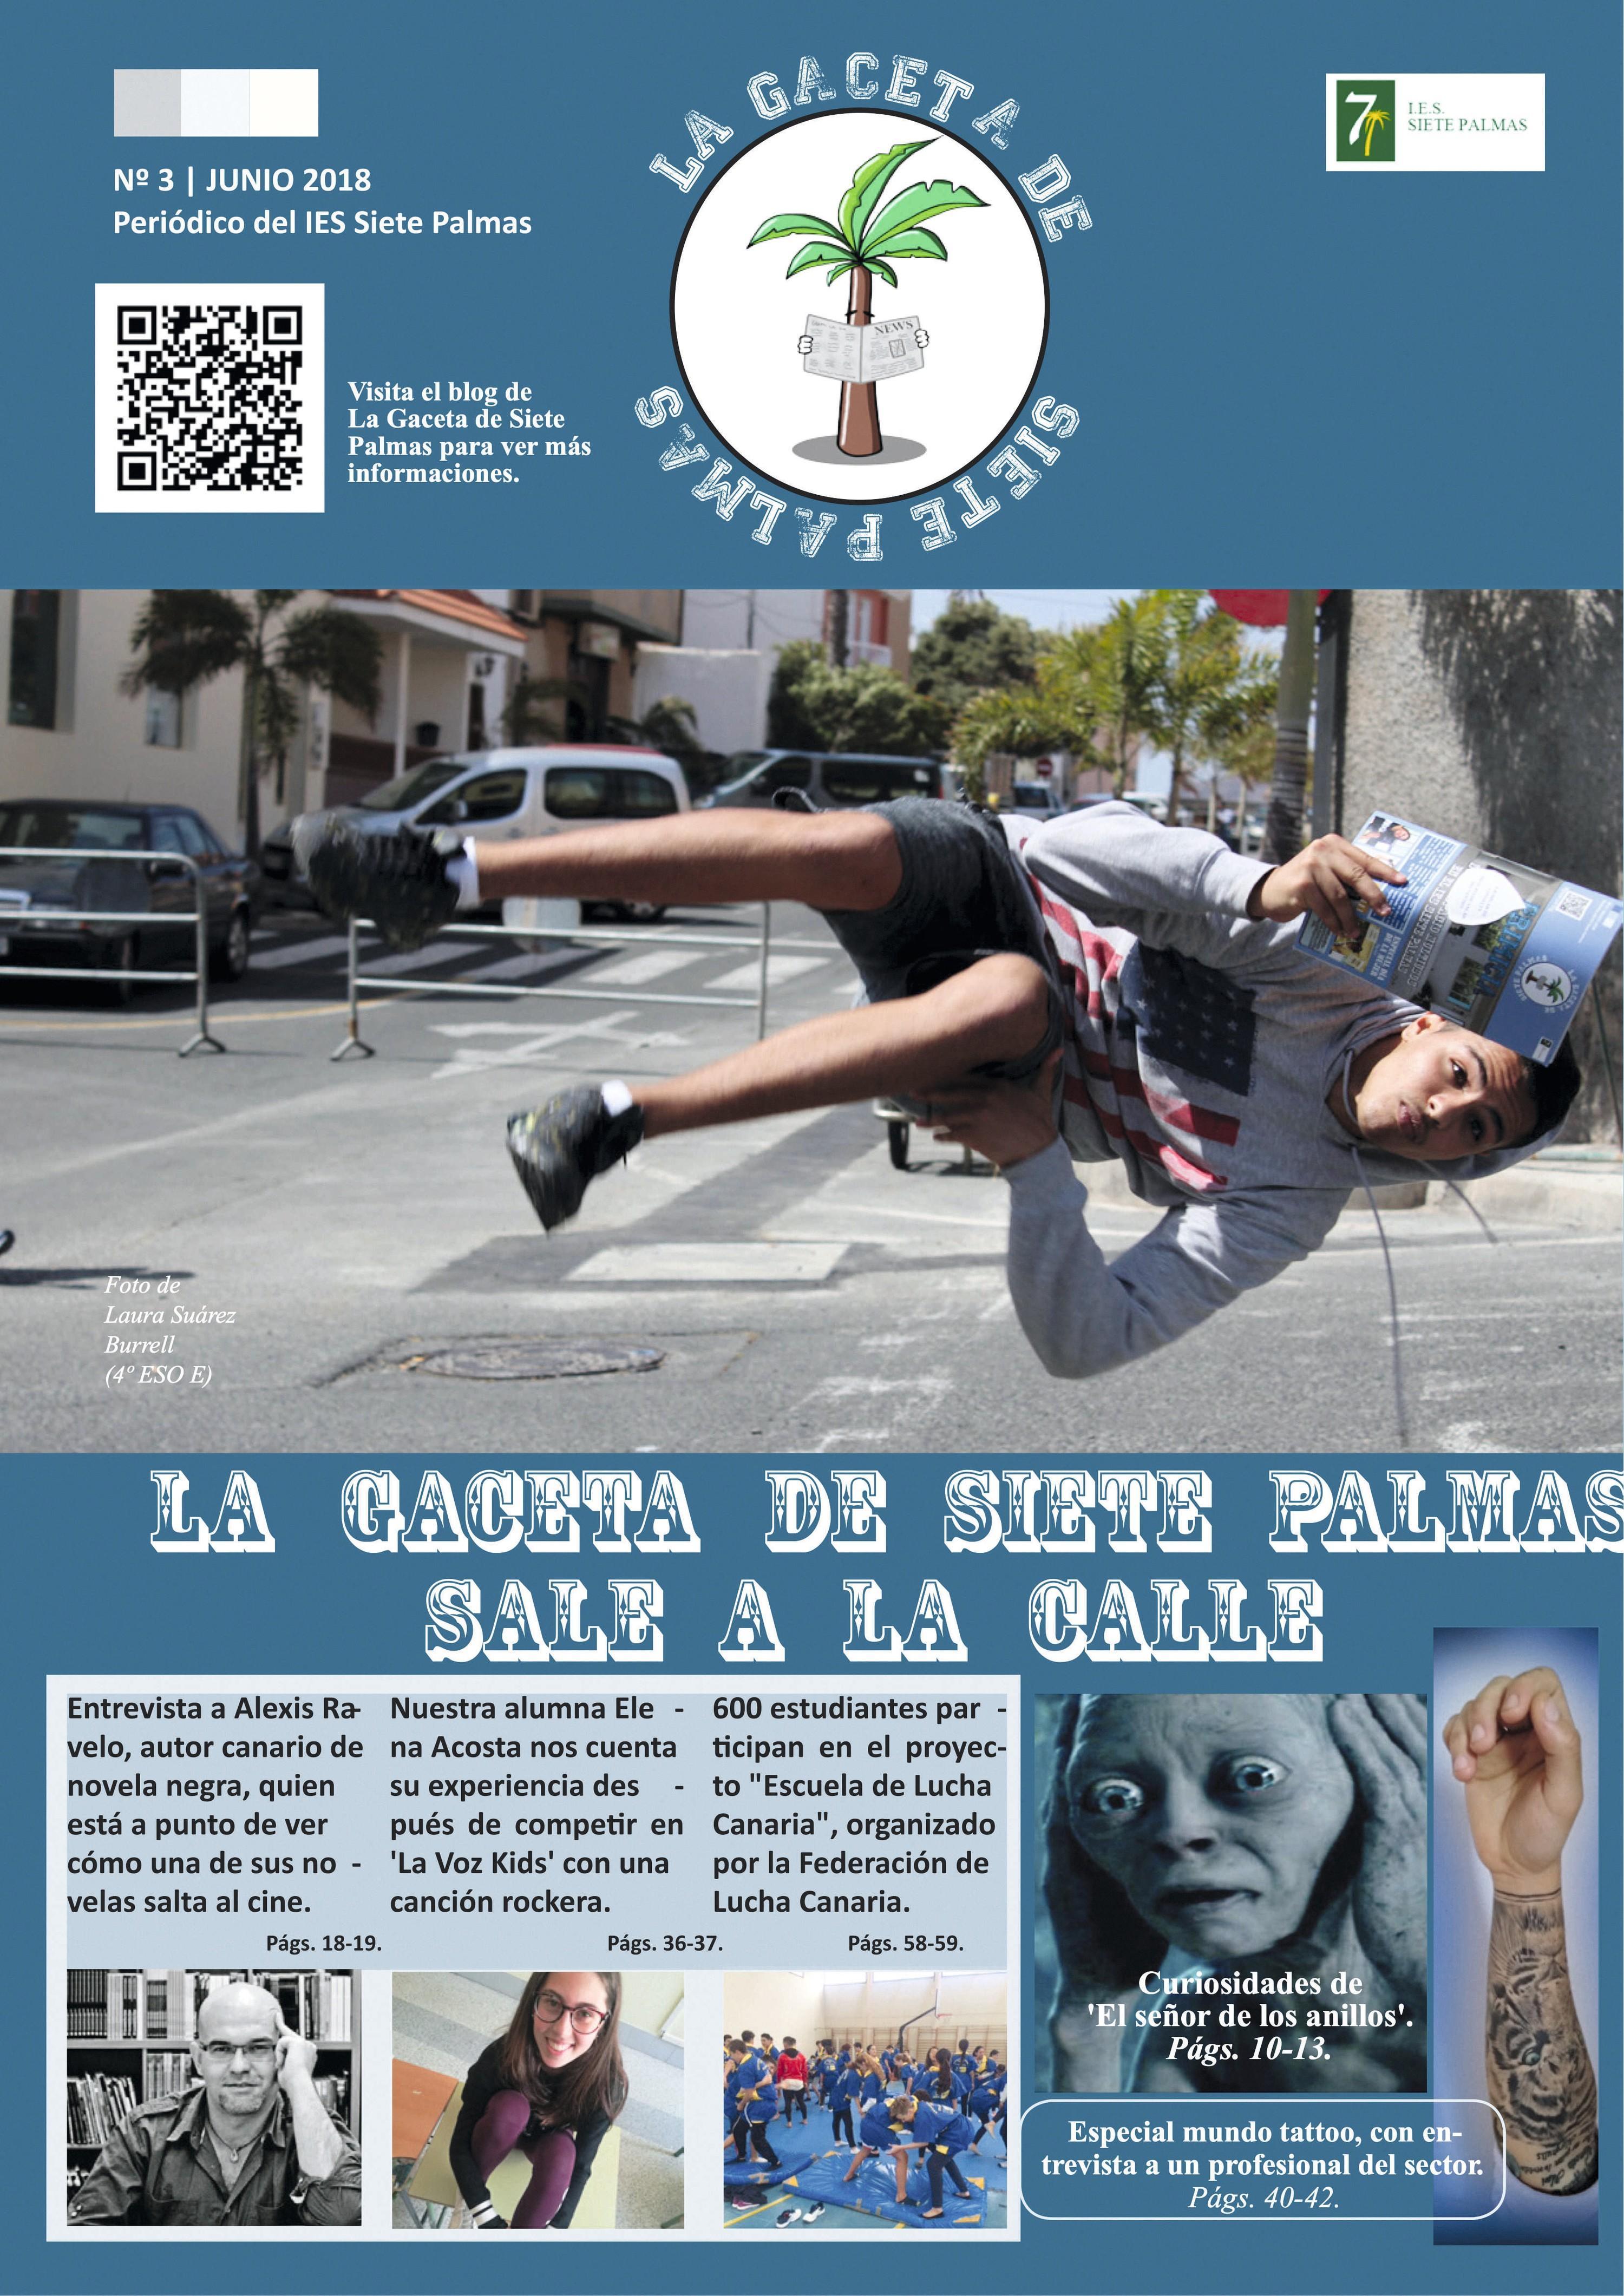 Portada del periódico del IES Siete Palmas, Islas Canarias, 2018.